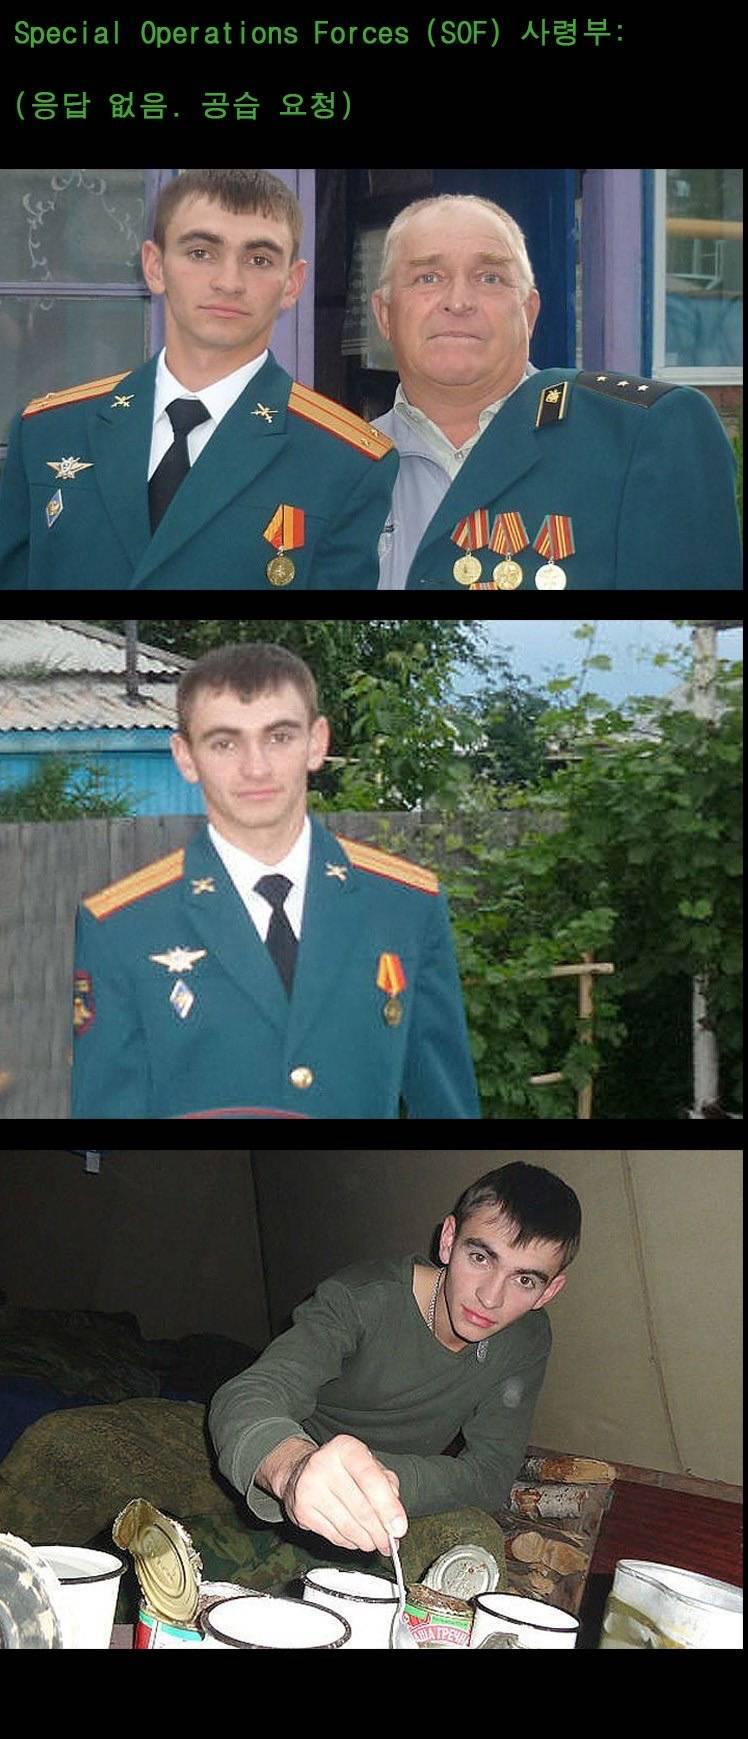 [유머] IS에게 포위당한 러시아 특수부대원의 마지막 교신 -  와이드섬